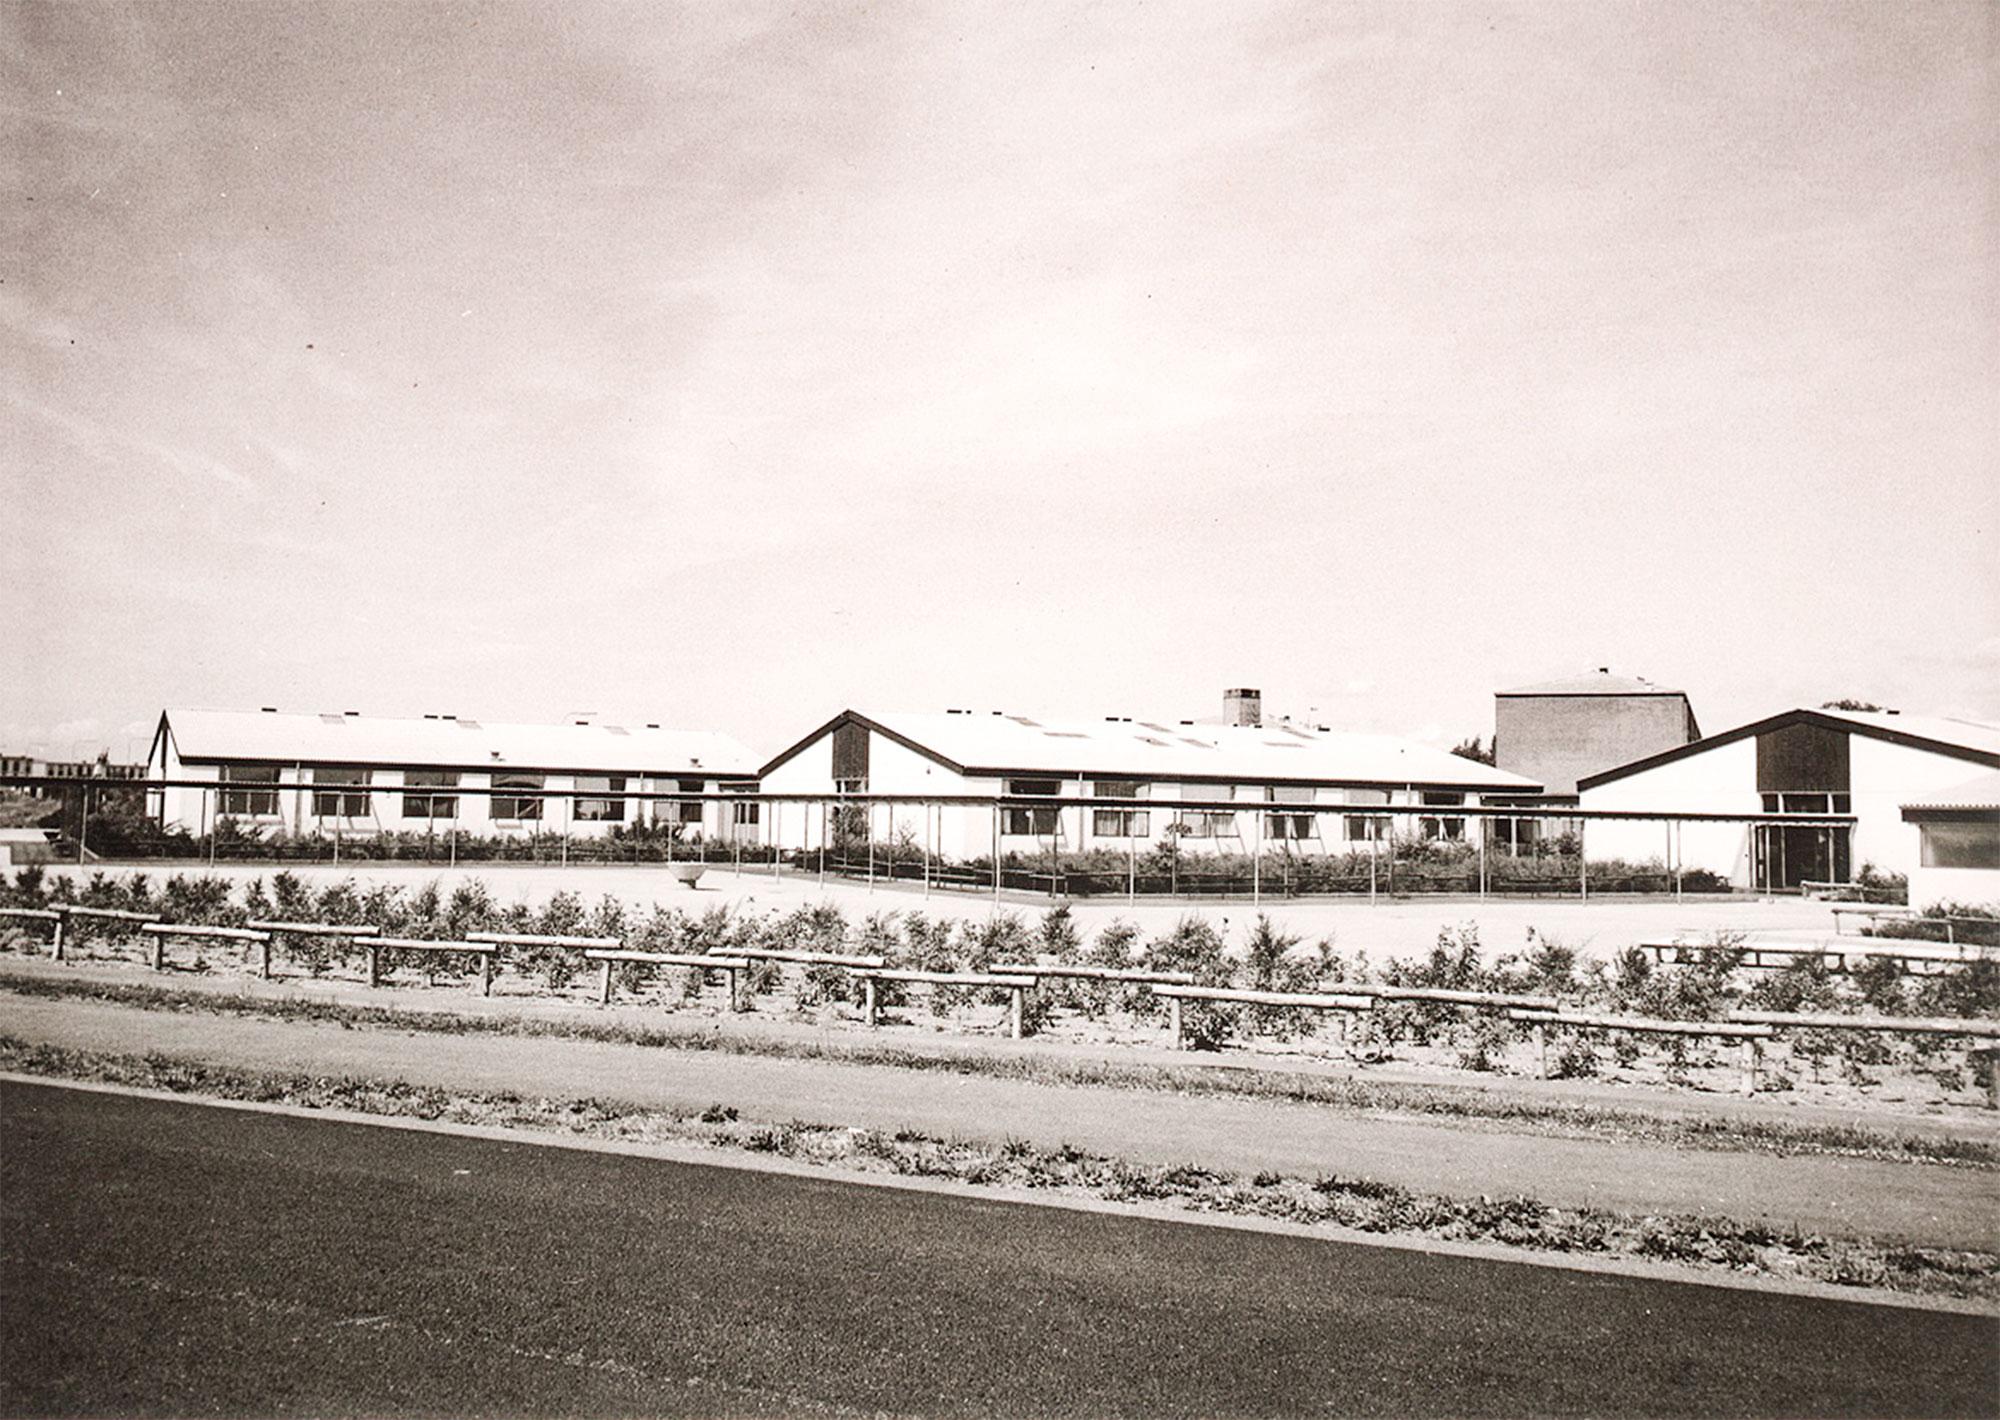 Skolen ved Vierdiget fotograferet fra vandsiden ud for Cafe Sylten. 1964. Foto: Historisk Arkiv Dragør.